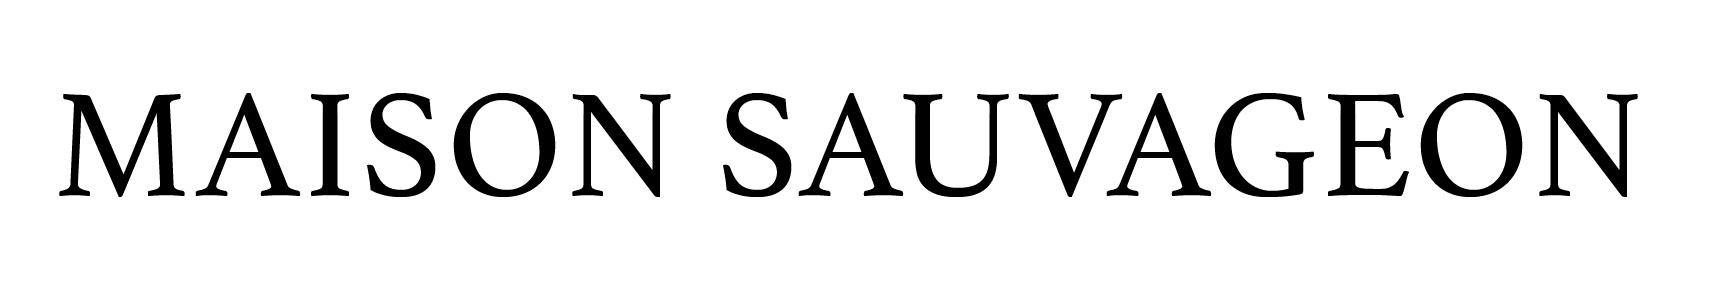 Maison Sauvageon